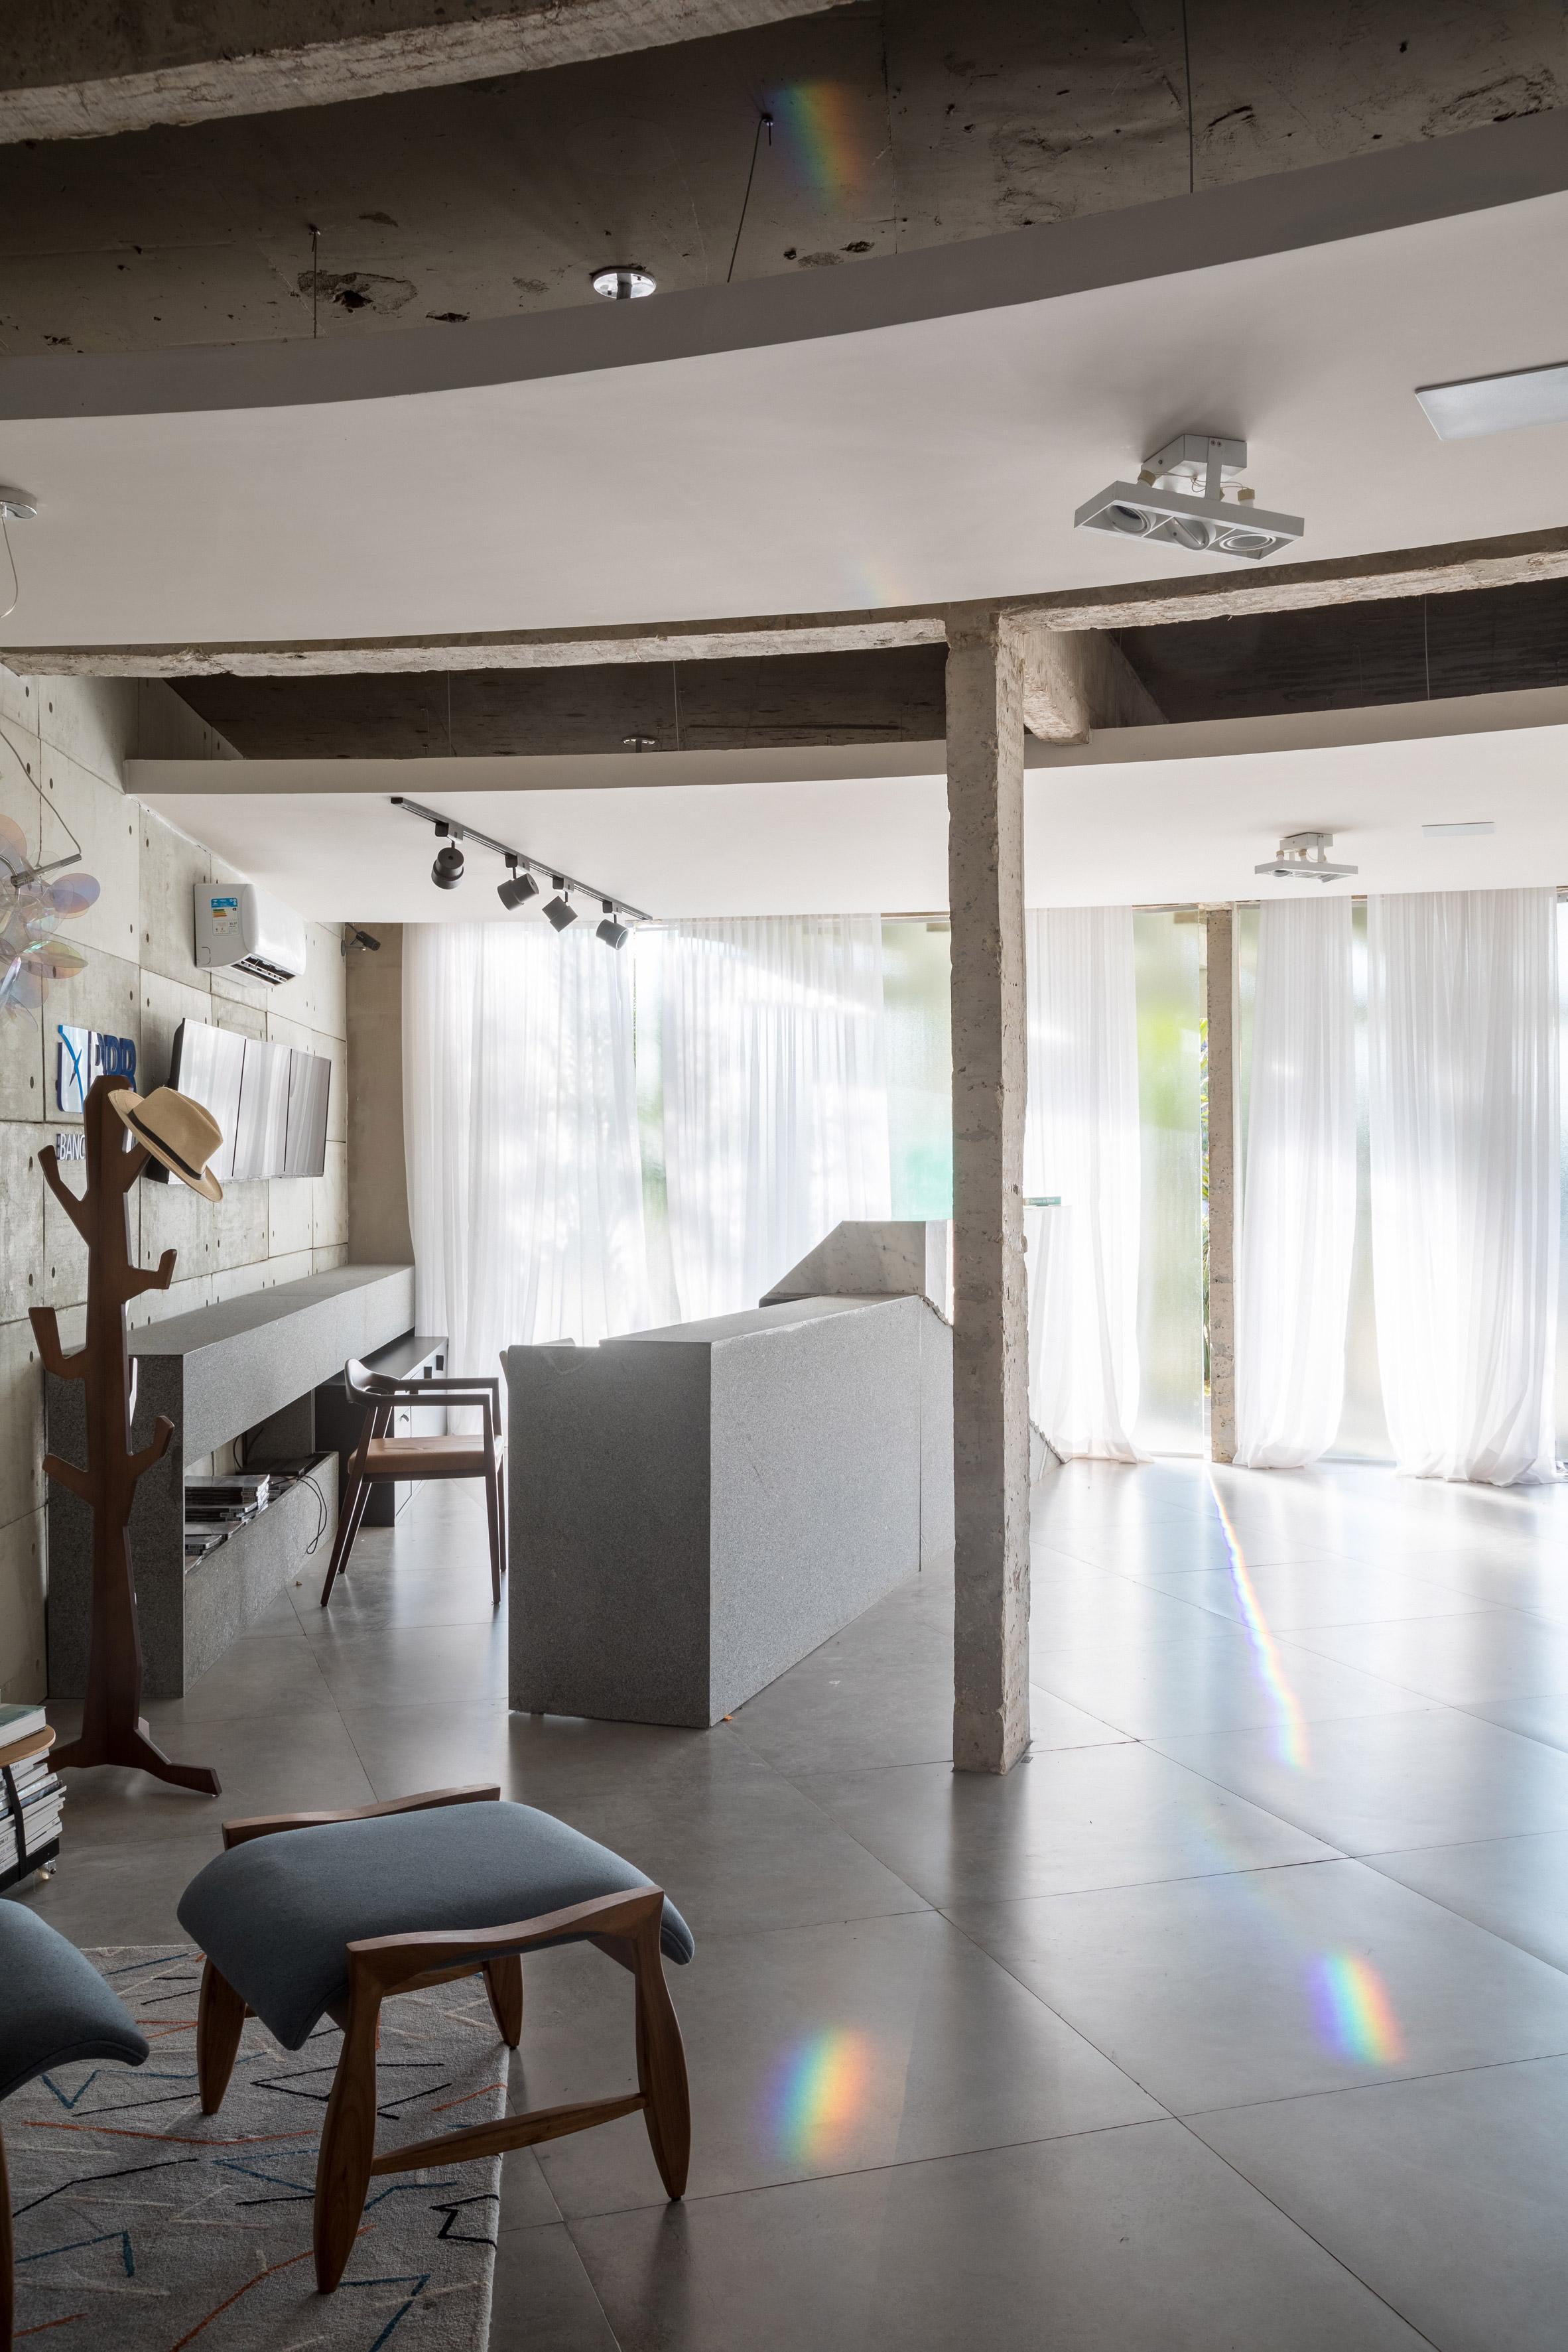 Galeria Meia by Debaixo do Bloco Arquitetura